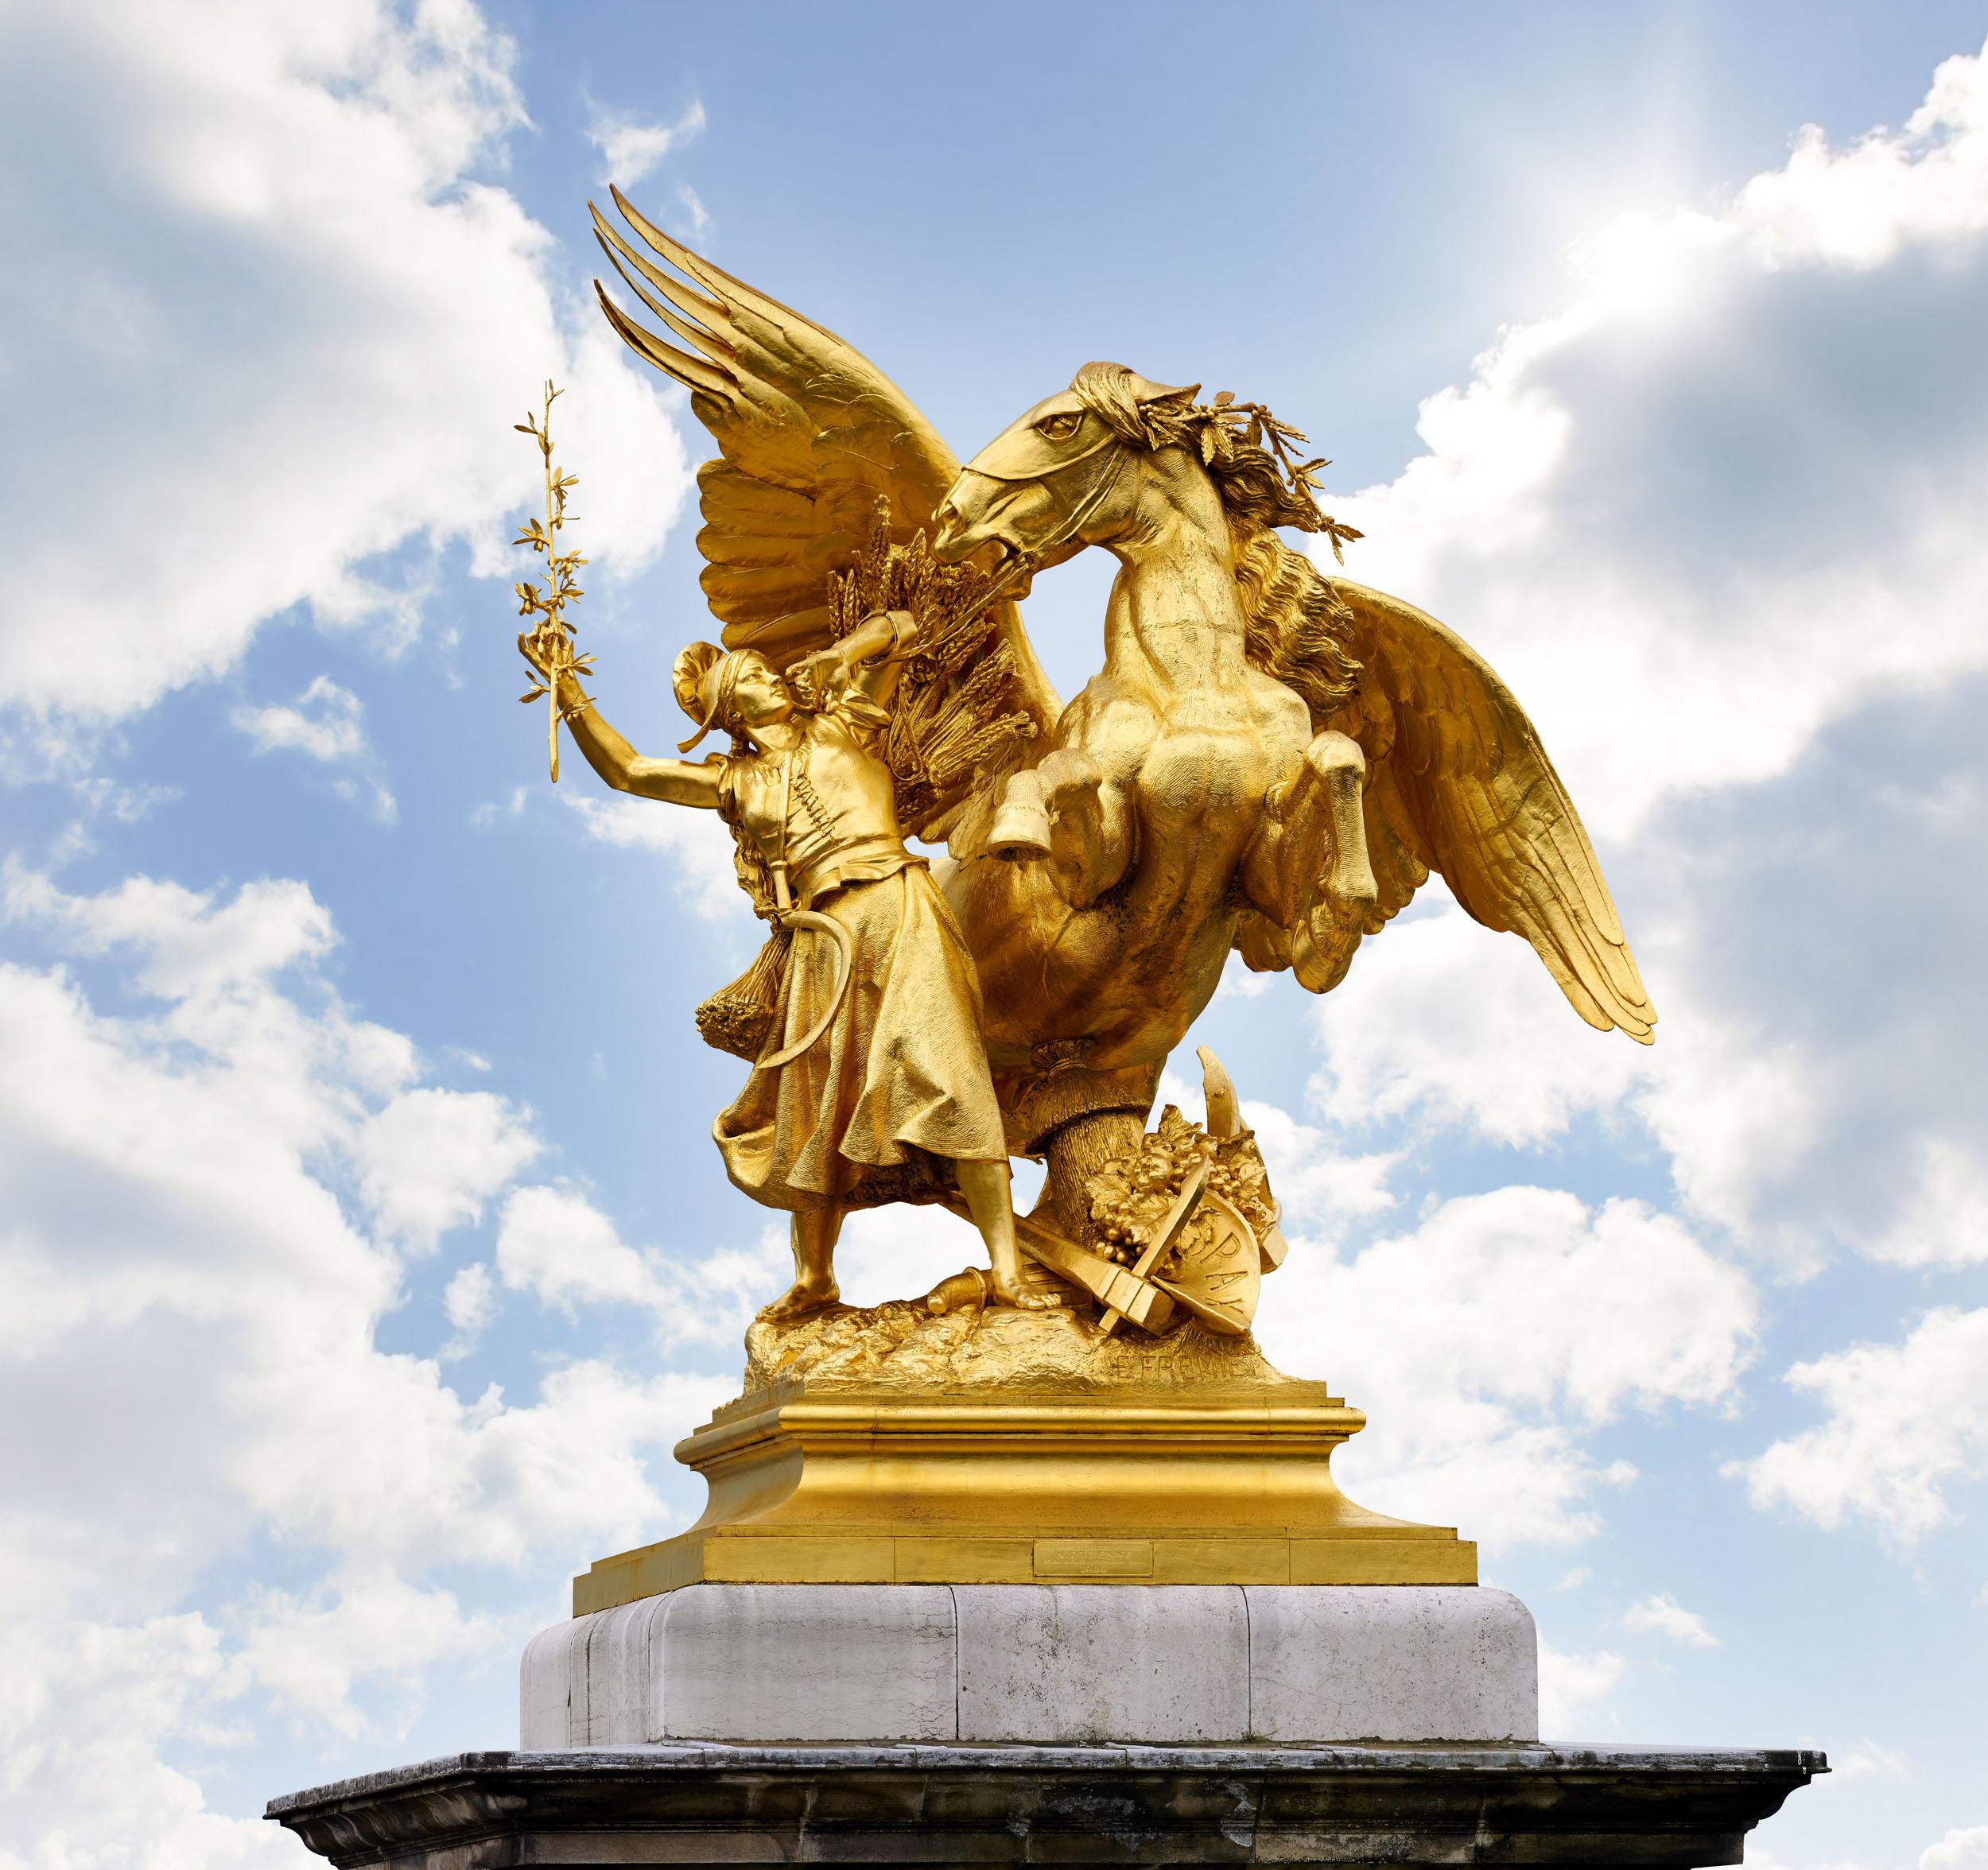 Détail_1_Statue Alexandre_III_CF015540.jpg